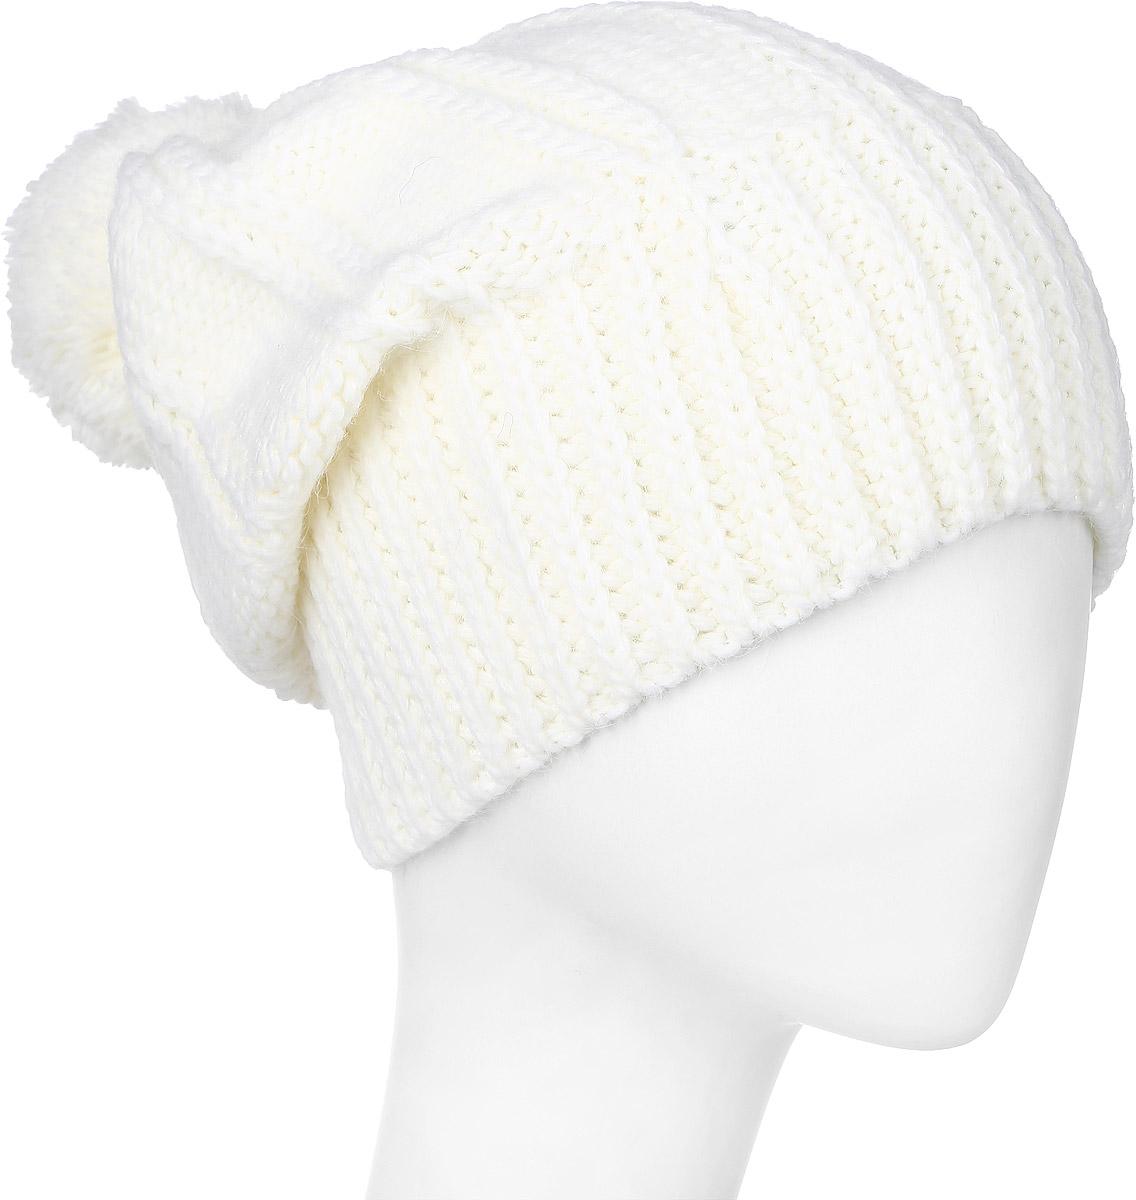 Шапка341884V-22Теплая женская шапка Vittorio Richi отлично дополнит ваш образ в холодную погоду. Сочетание шерсти и акрила сохраняет тепло и обеспечивает удобную посадку, невероятную легкость и мягкость. Удлиненная шапка выполнена крупной вязкой и дополнена на макушке пушистым помпоном. Модель составит идеальный комплект с модной верхней одеждой, в ней вам будет уютно и тепло. Уважаемые клиенты! Размер, доступный для заказа, является обхватом головы.